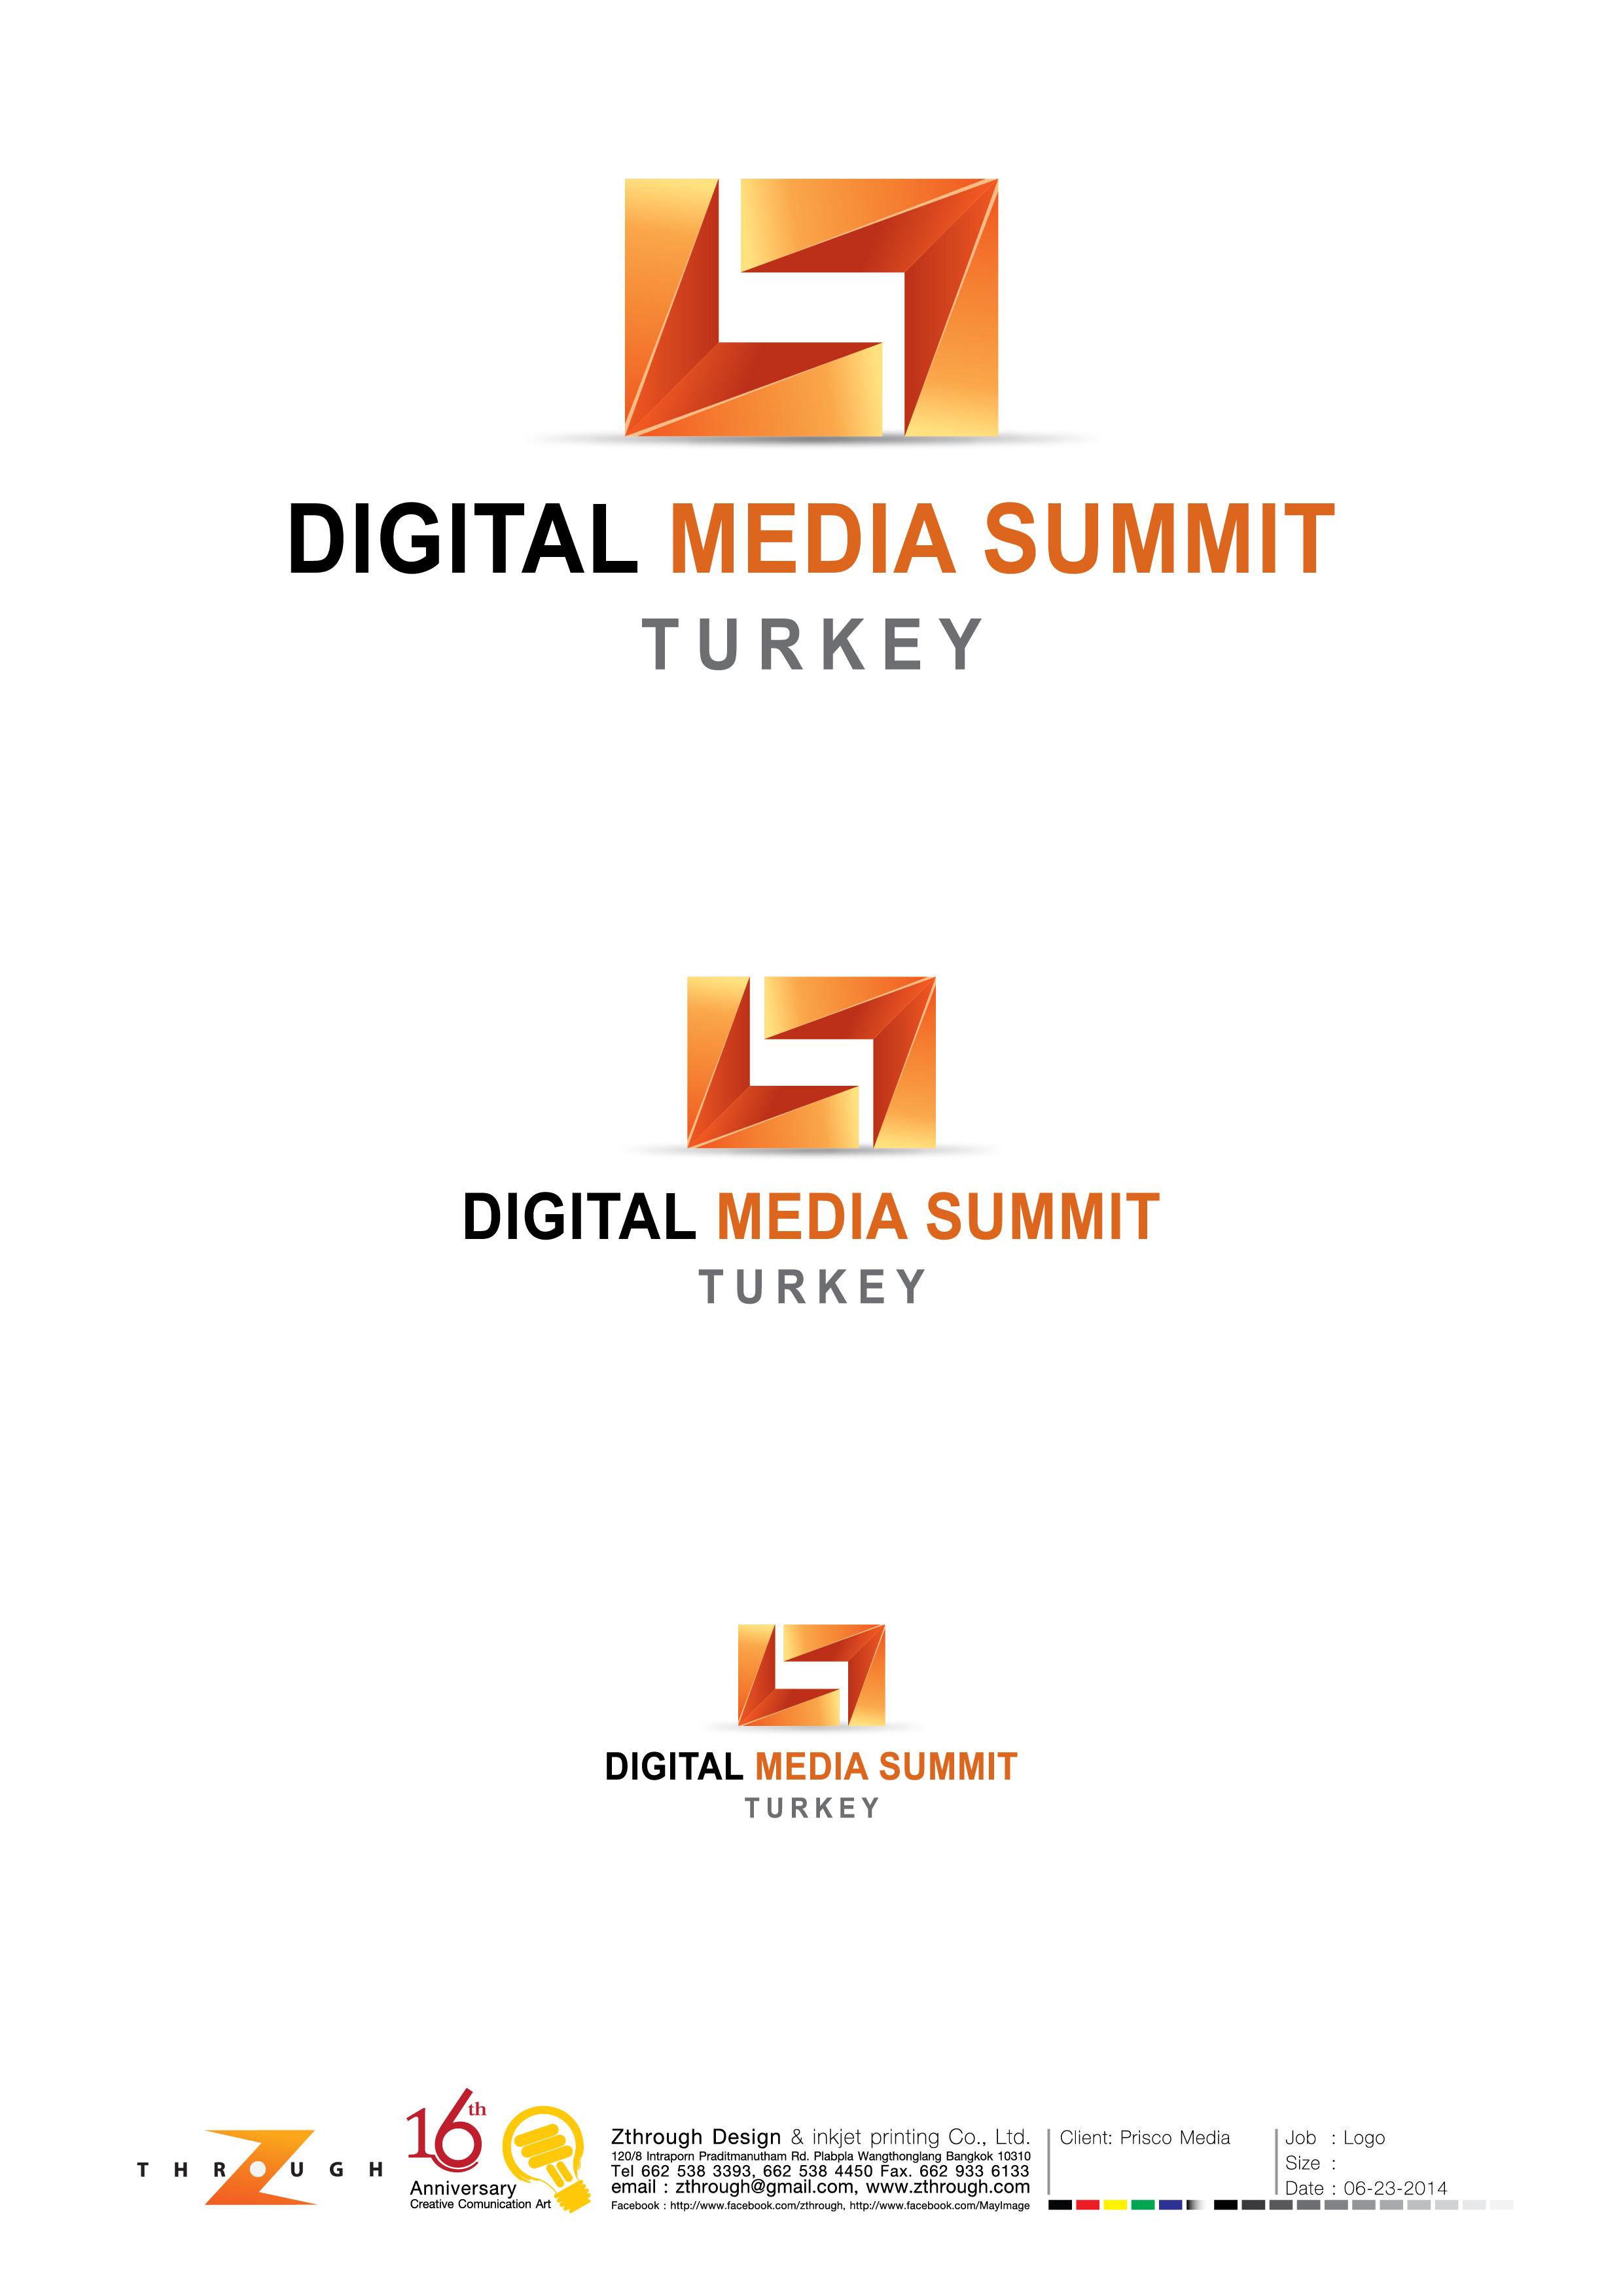 AW_Logo Digital Media_OL